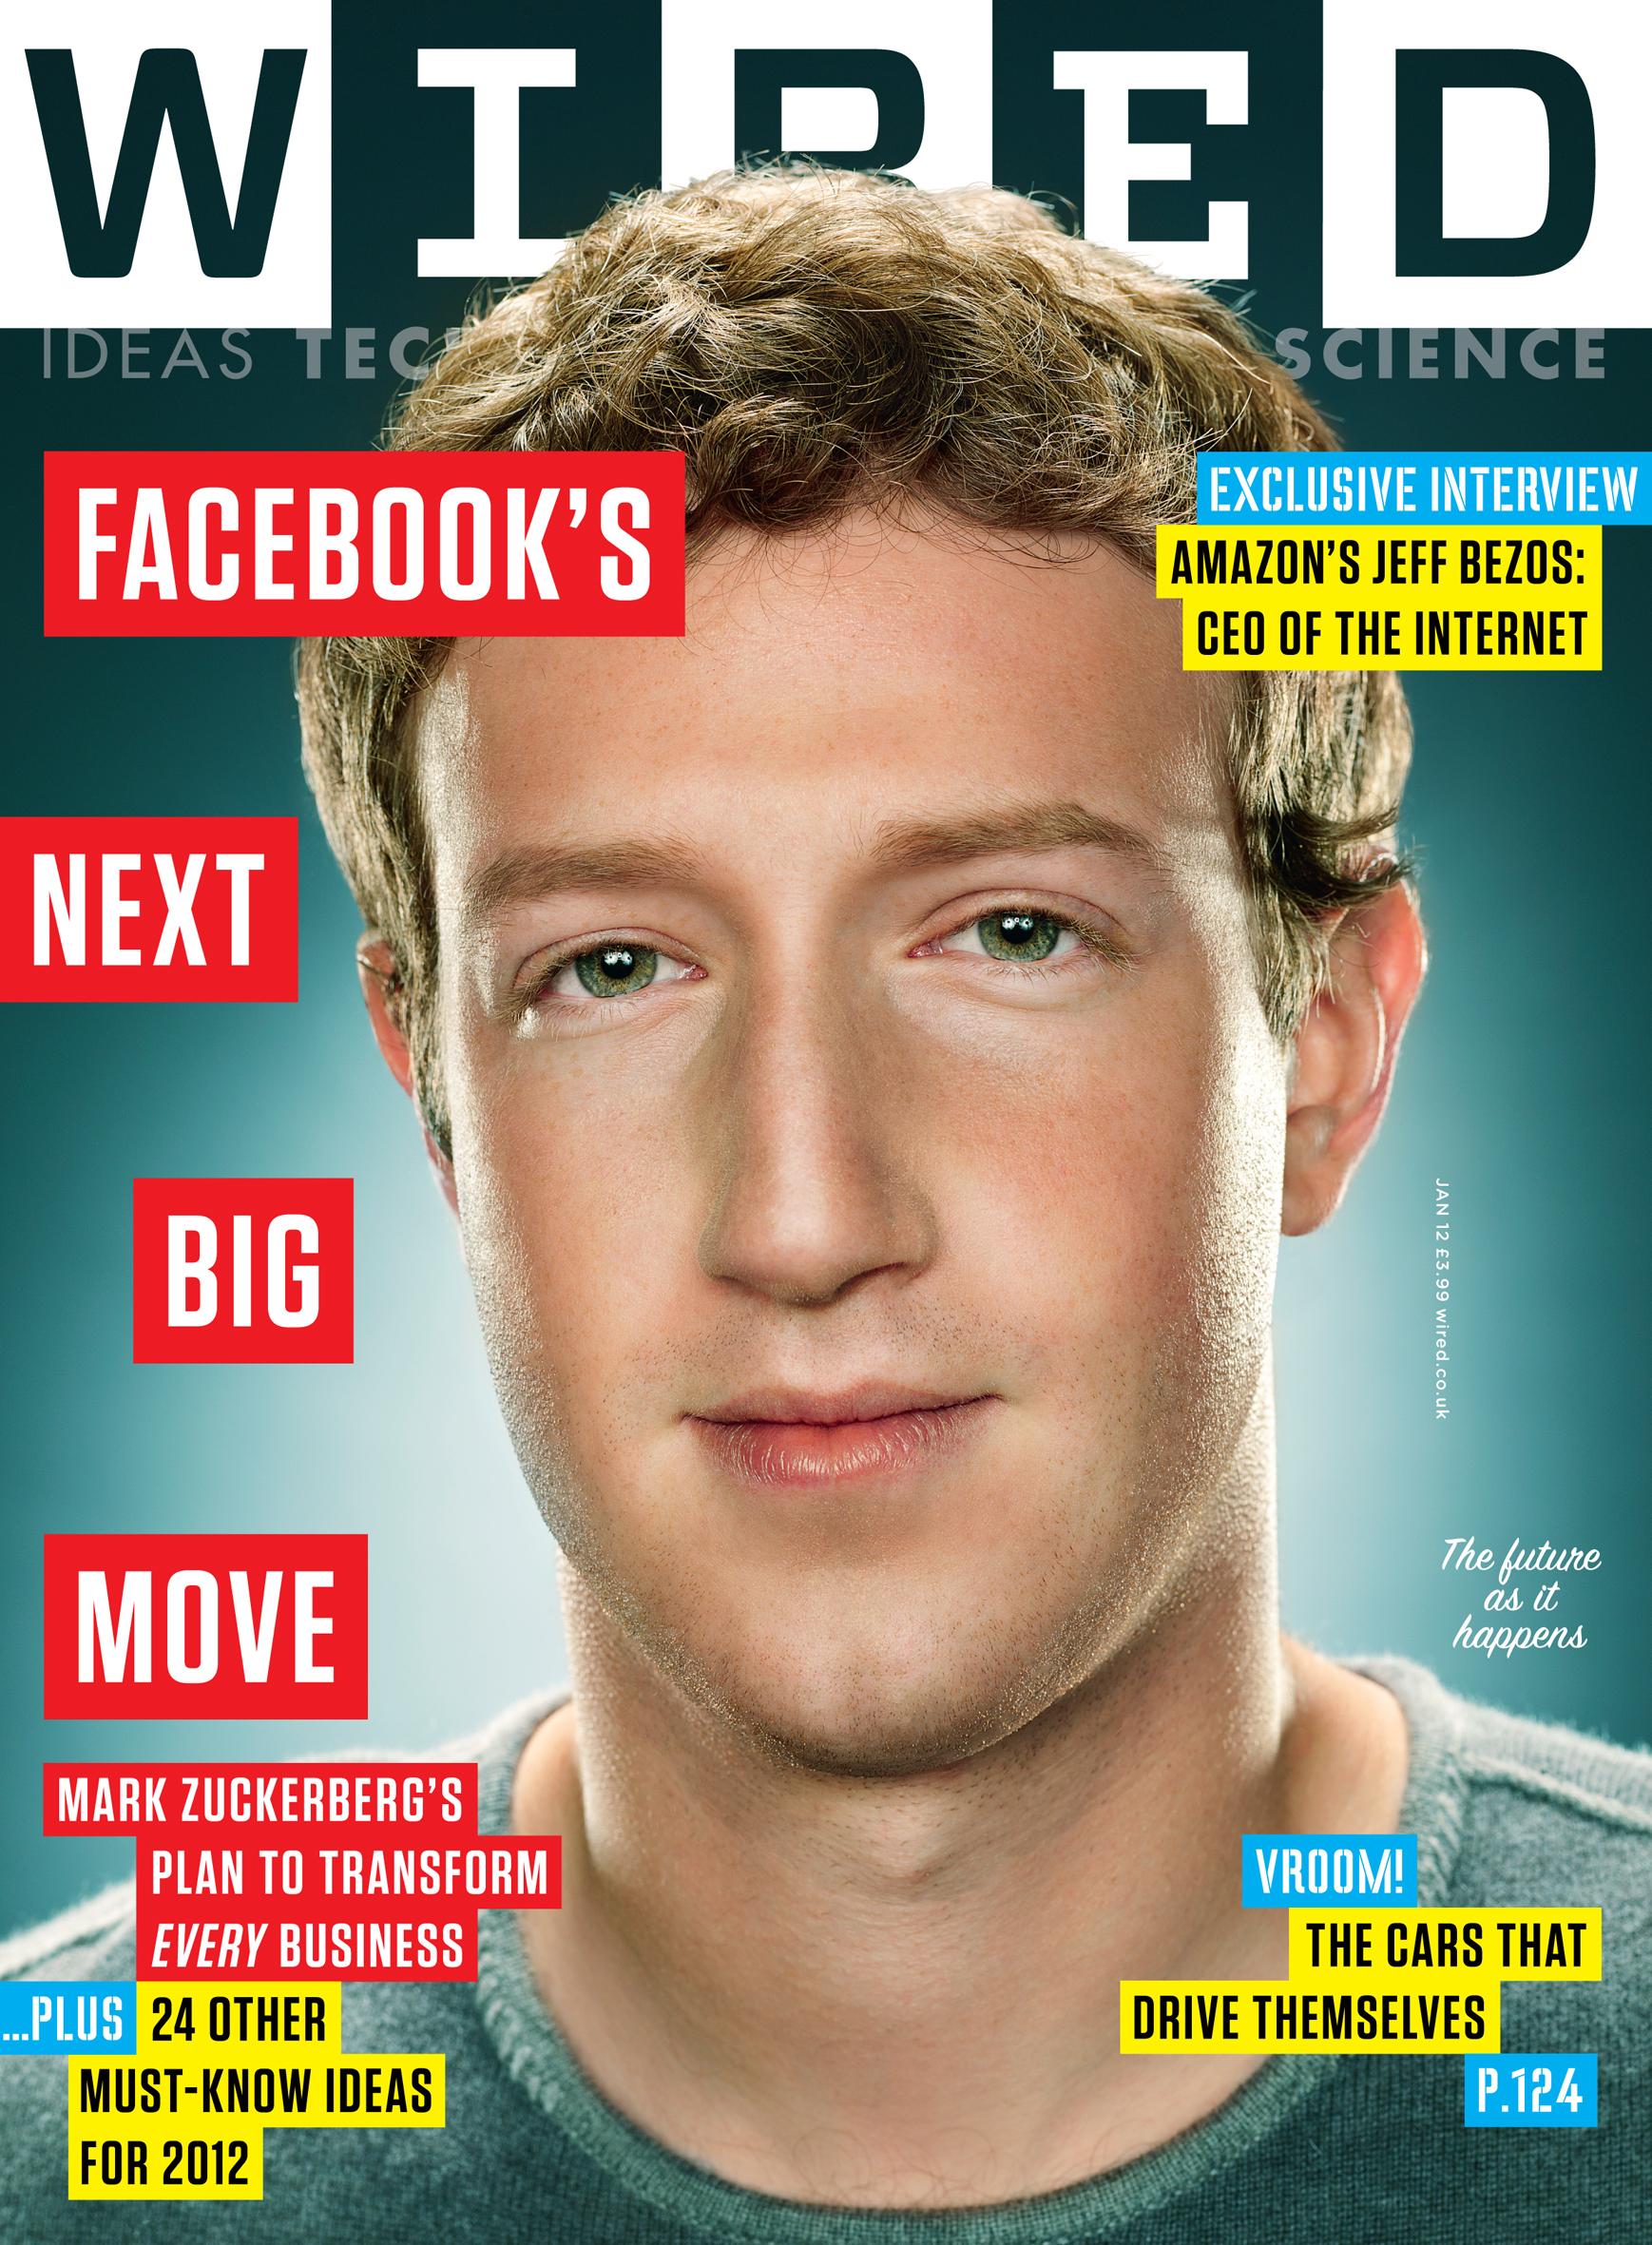 Wired Magazine - Mark Zuckerberg